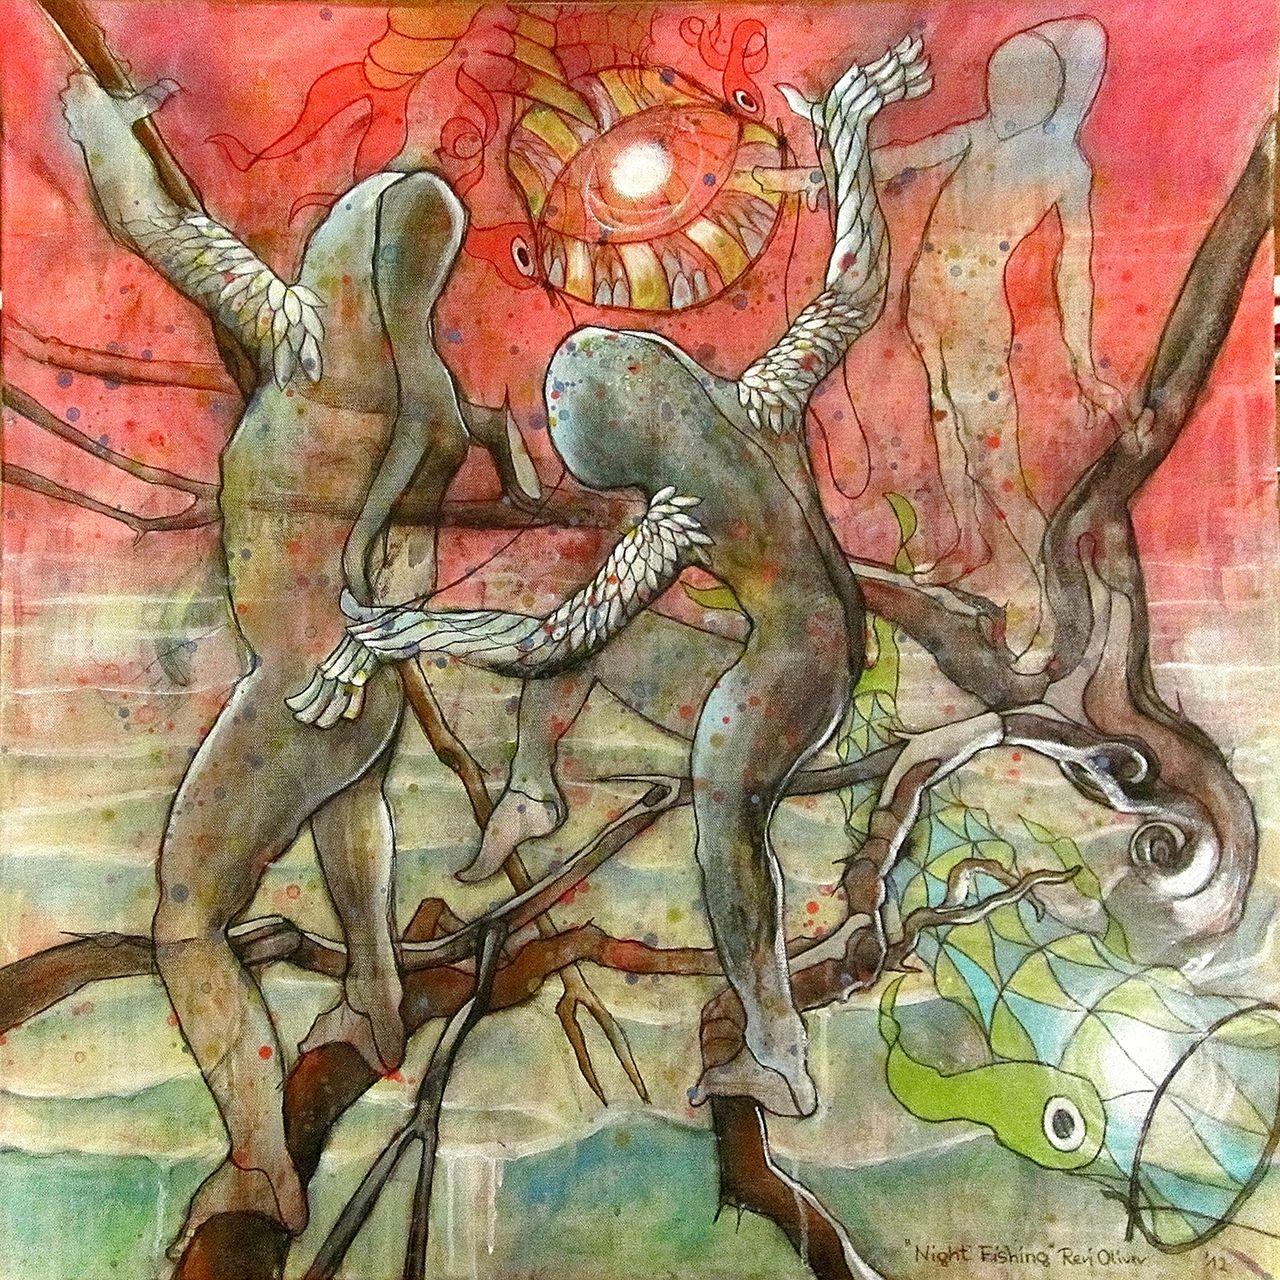 Bdsm femdom art illustrations Slave